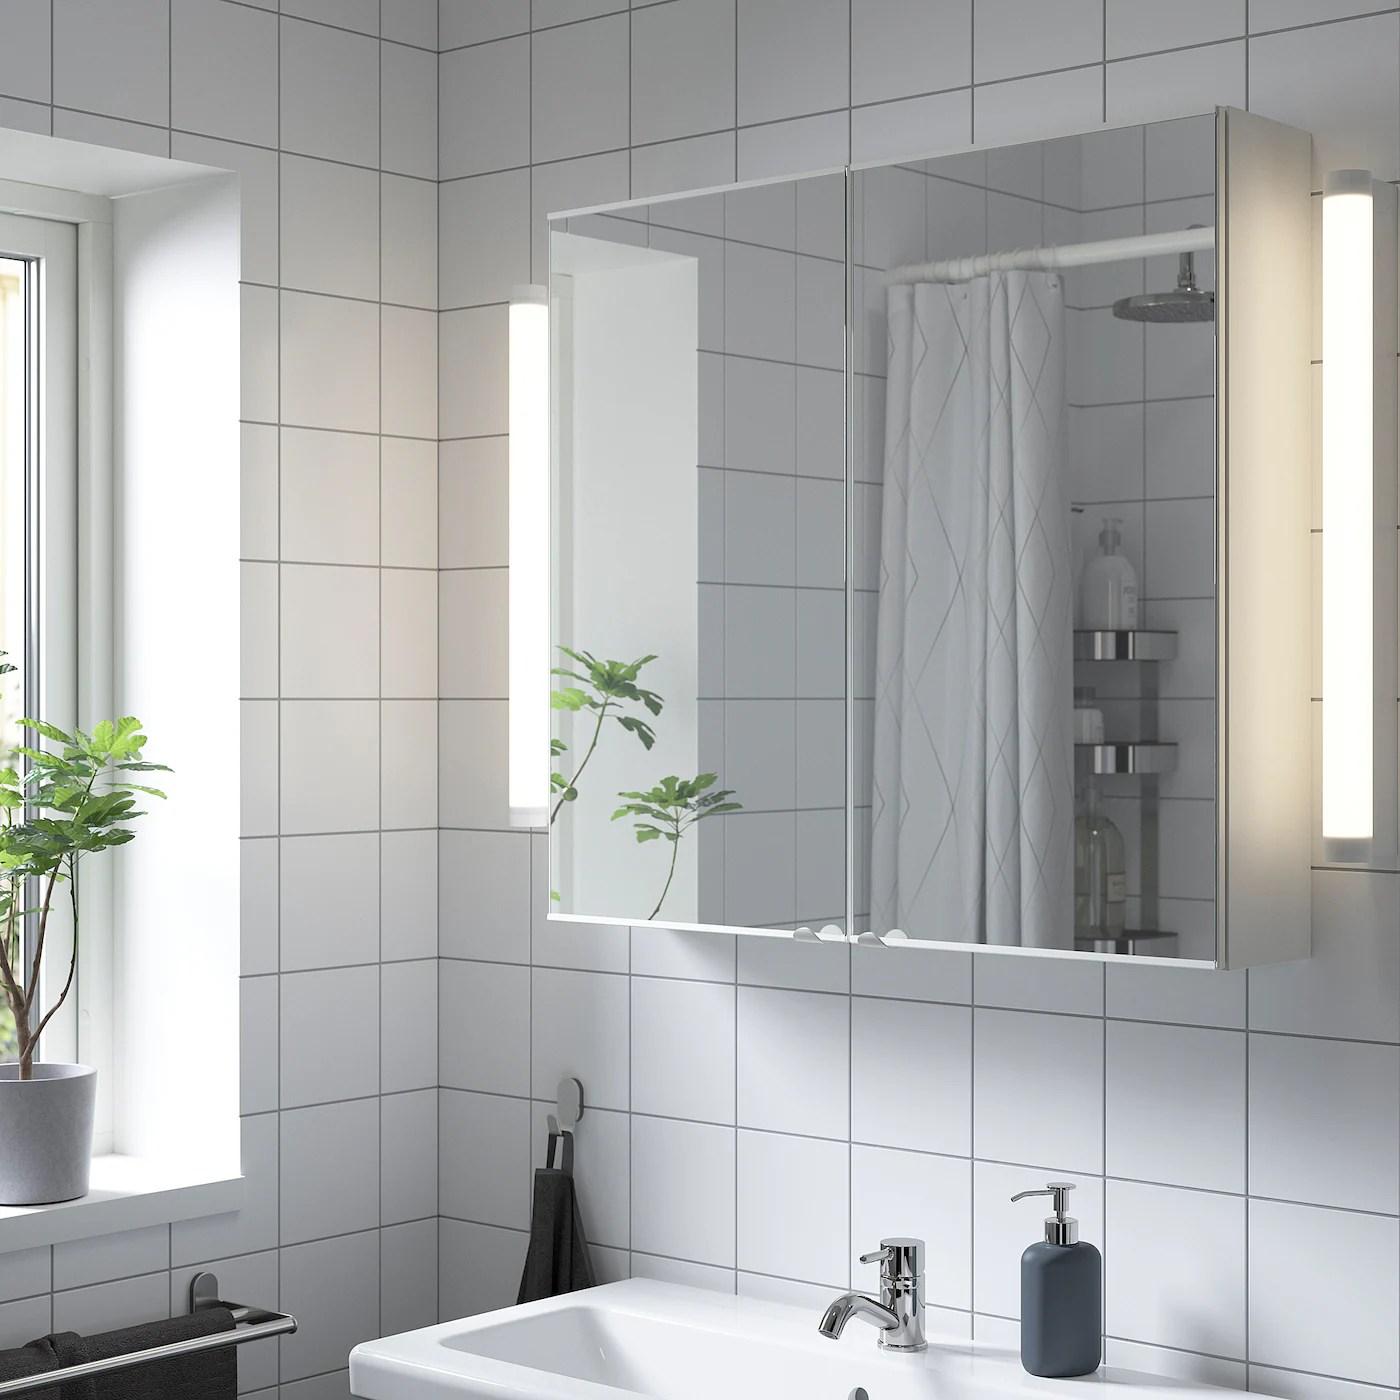 Enhet Meuble Miroir 2 Portes Blanc 80x15x75 Cm Ikea